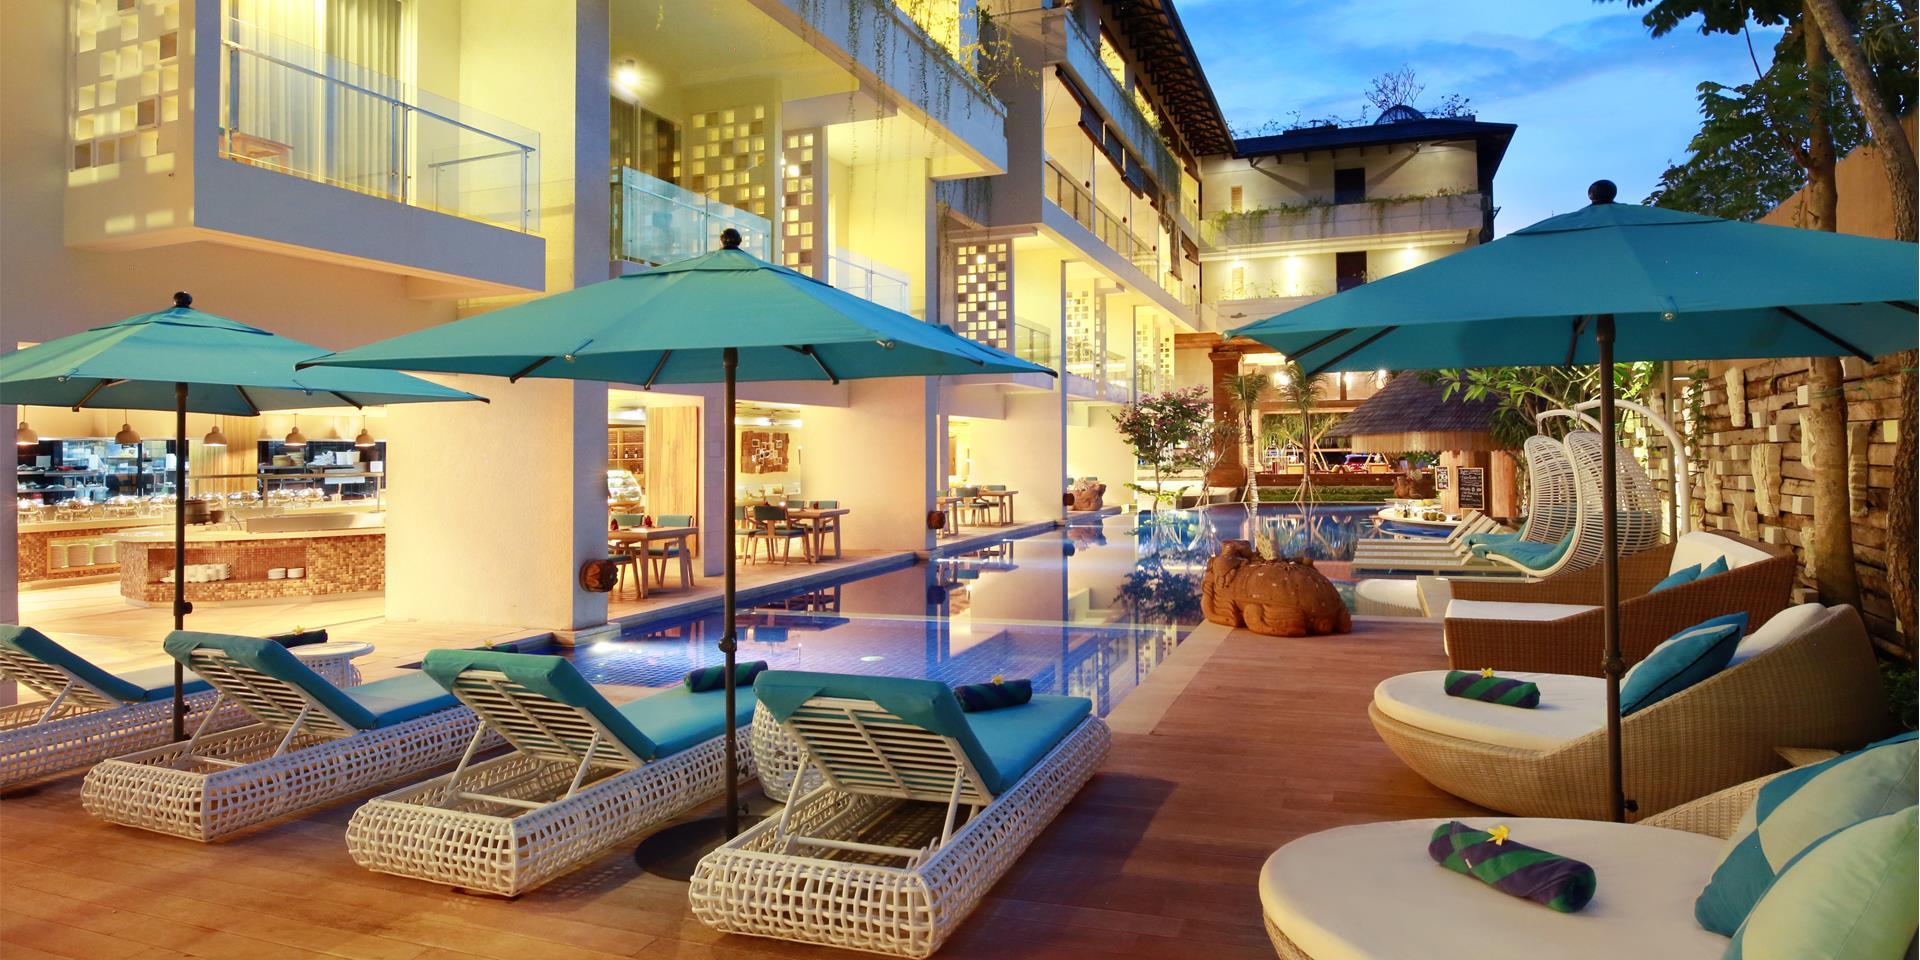 Jimbaran Bay Beach Resort & Spa by Prabu ホテル詳細